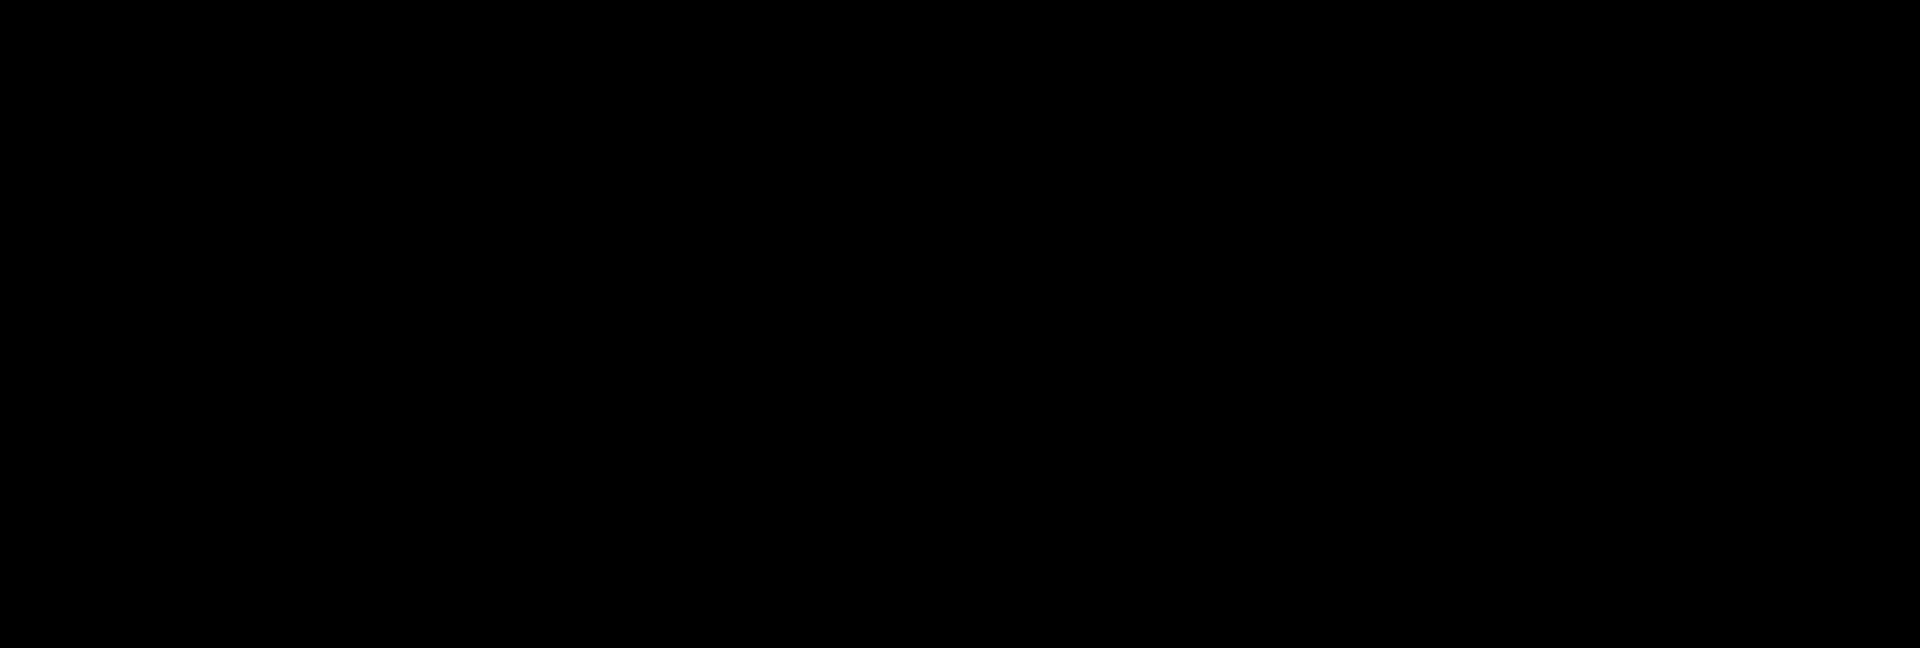 SCHIMMEL